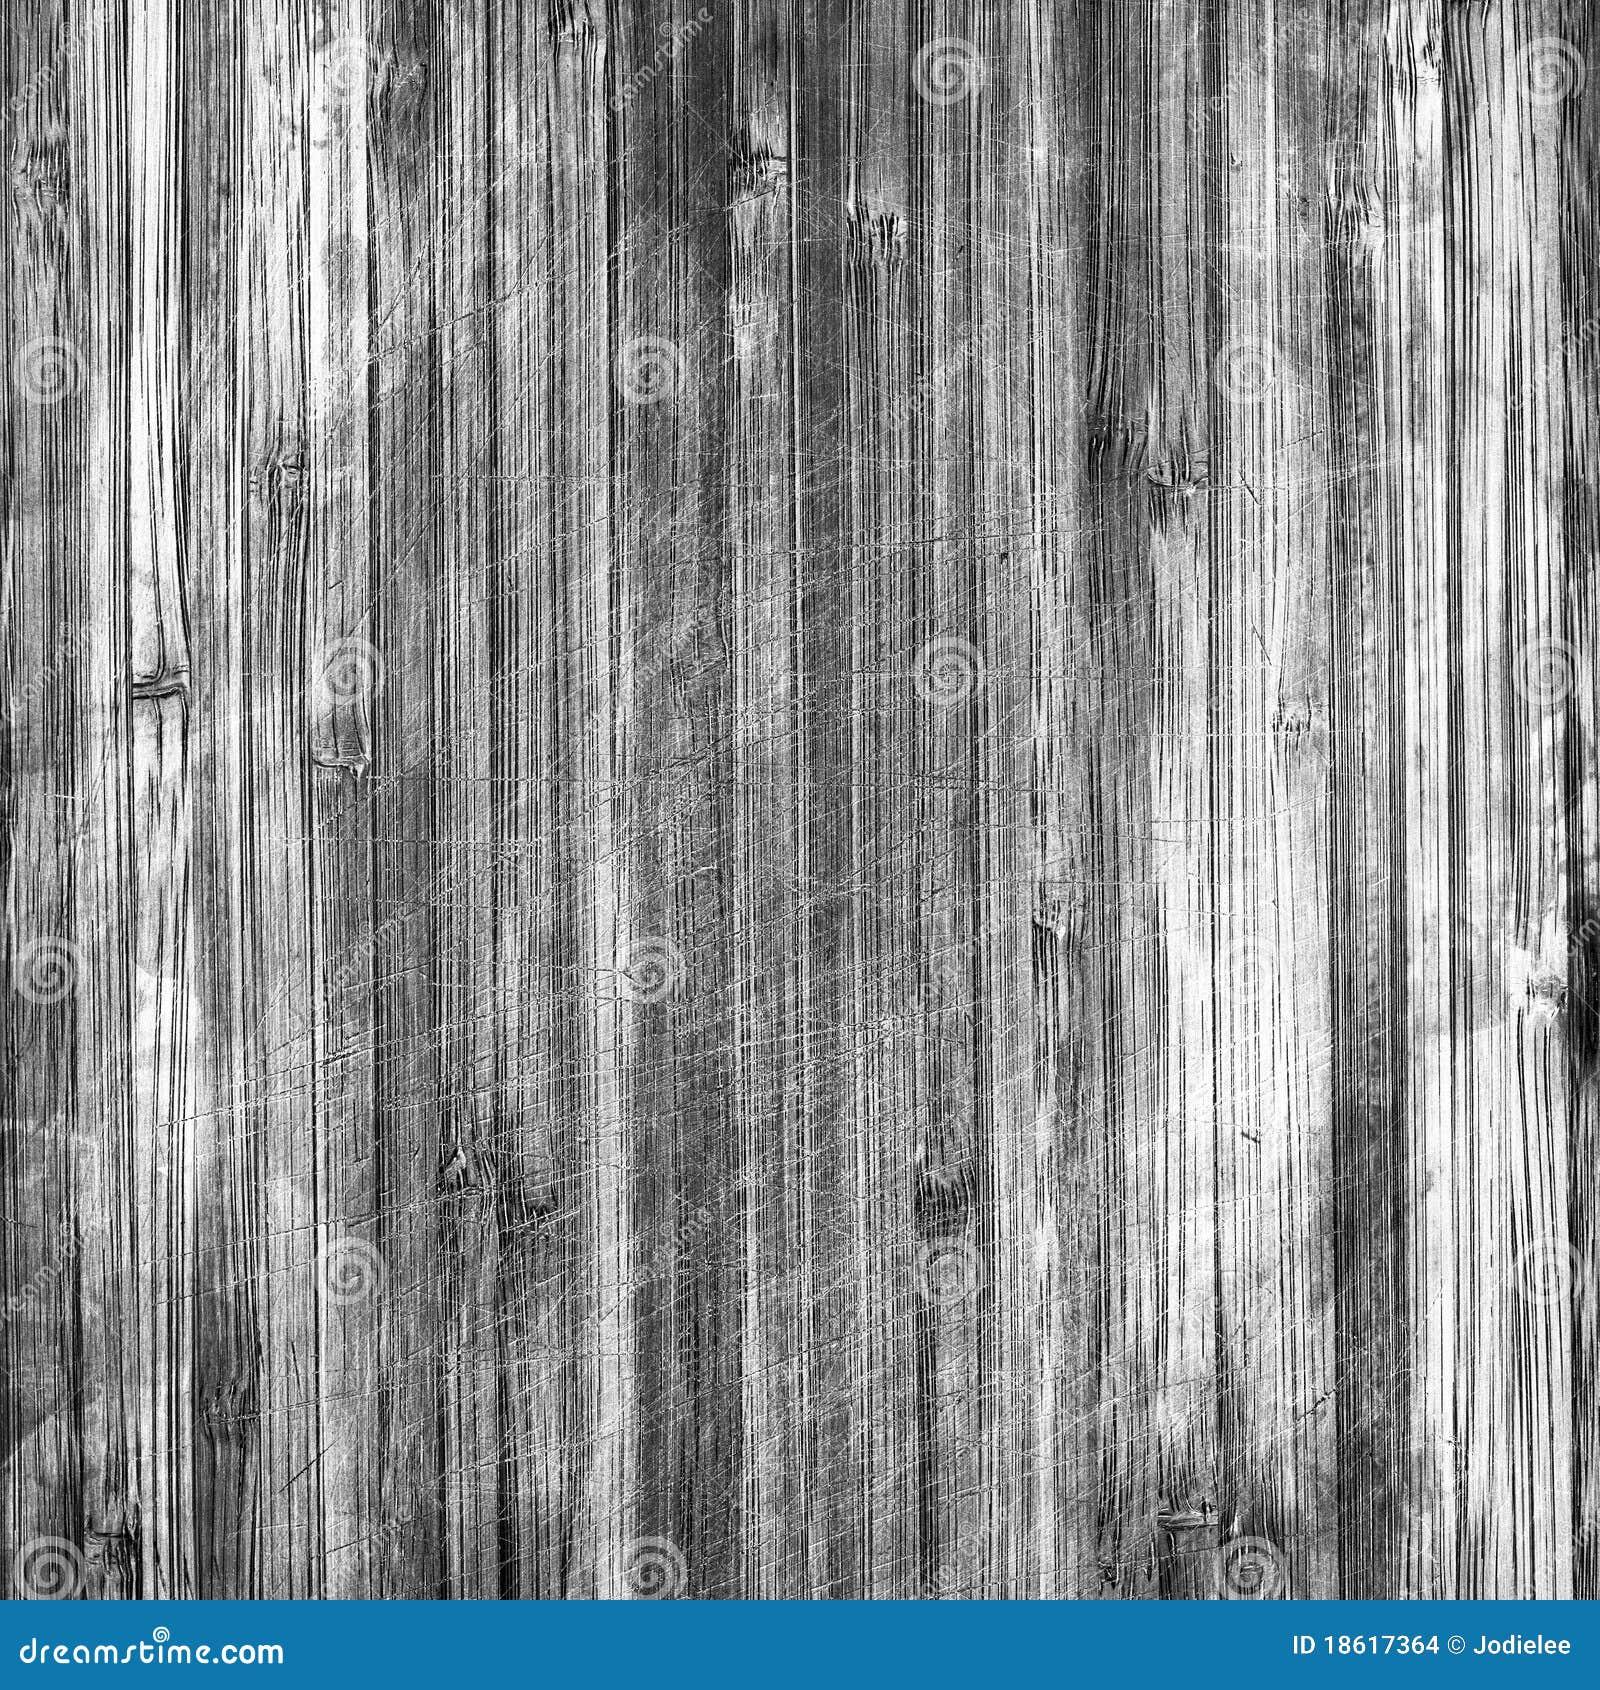 黑色谷物纹理葡萄酒白色木头